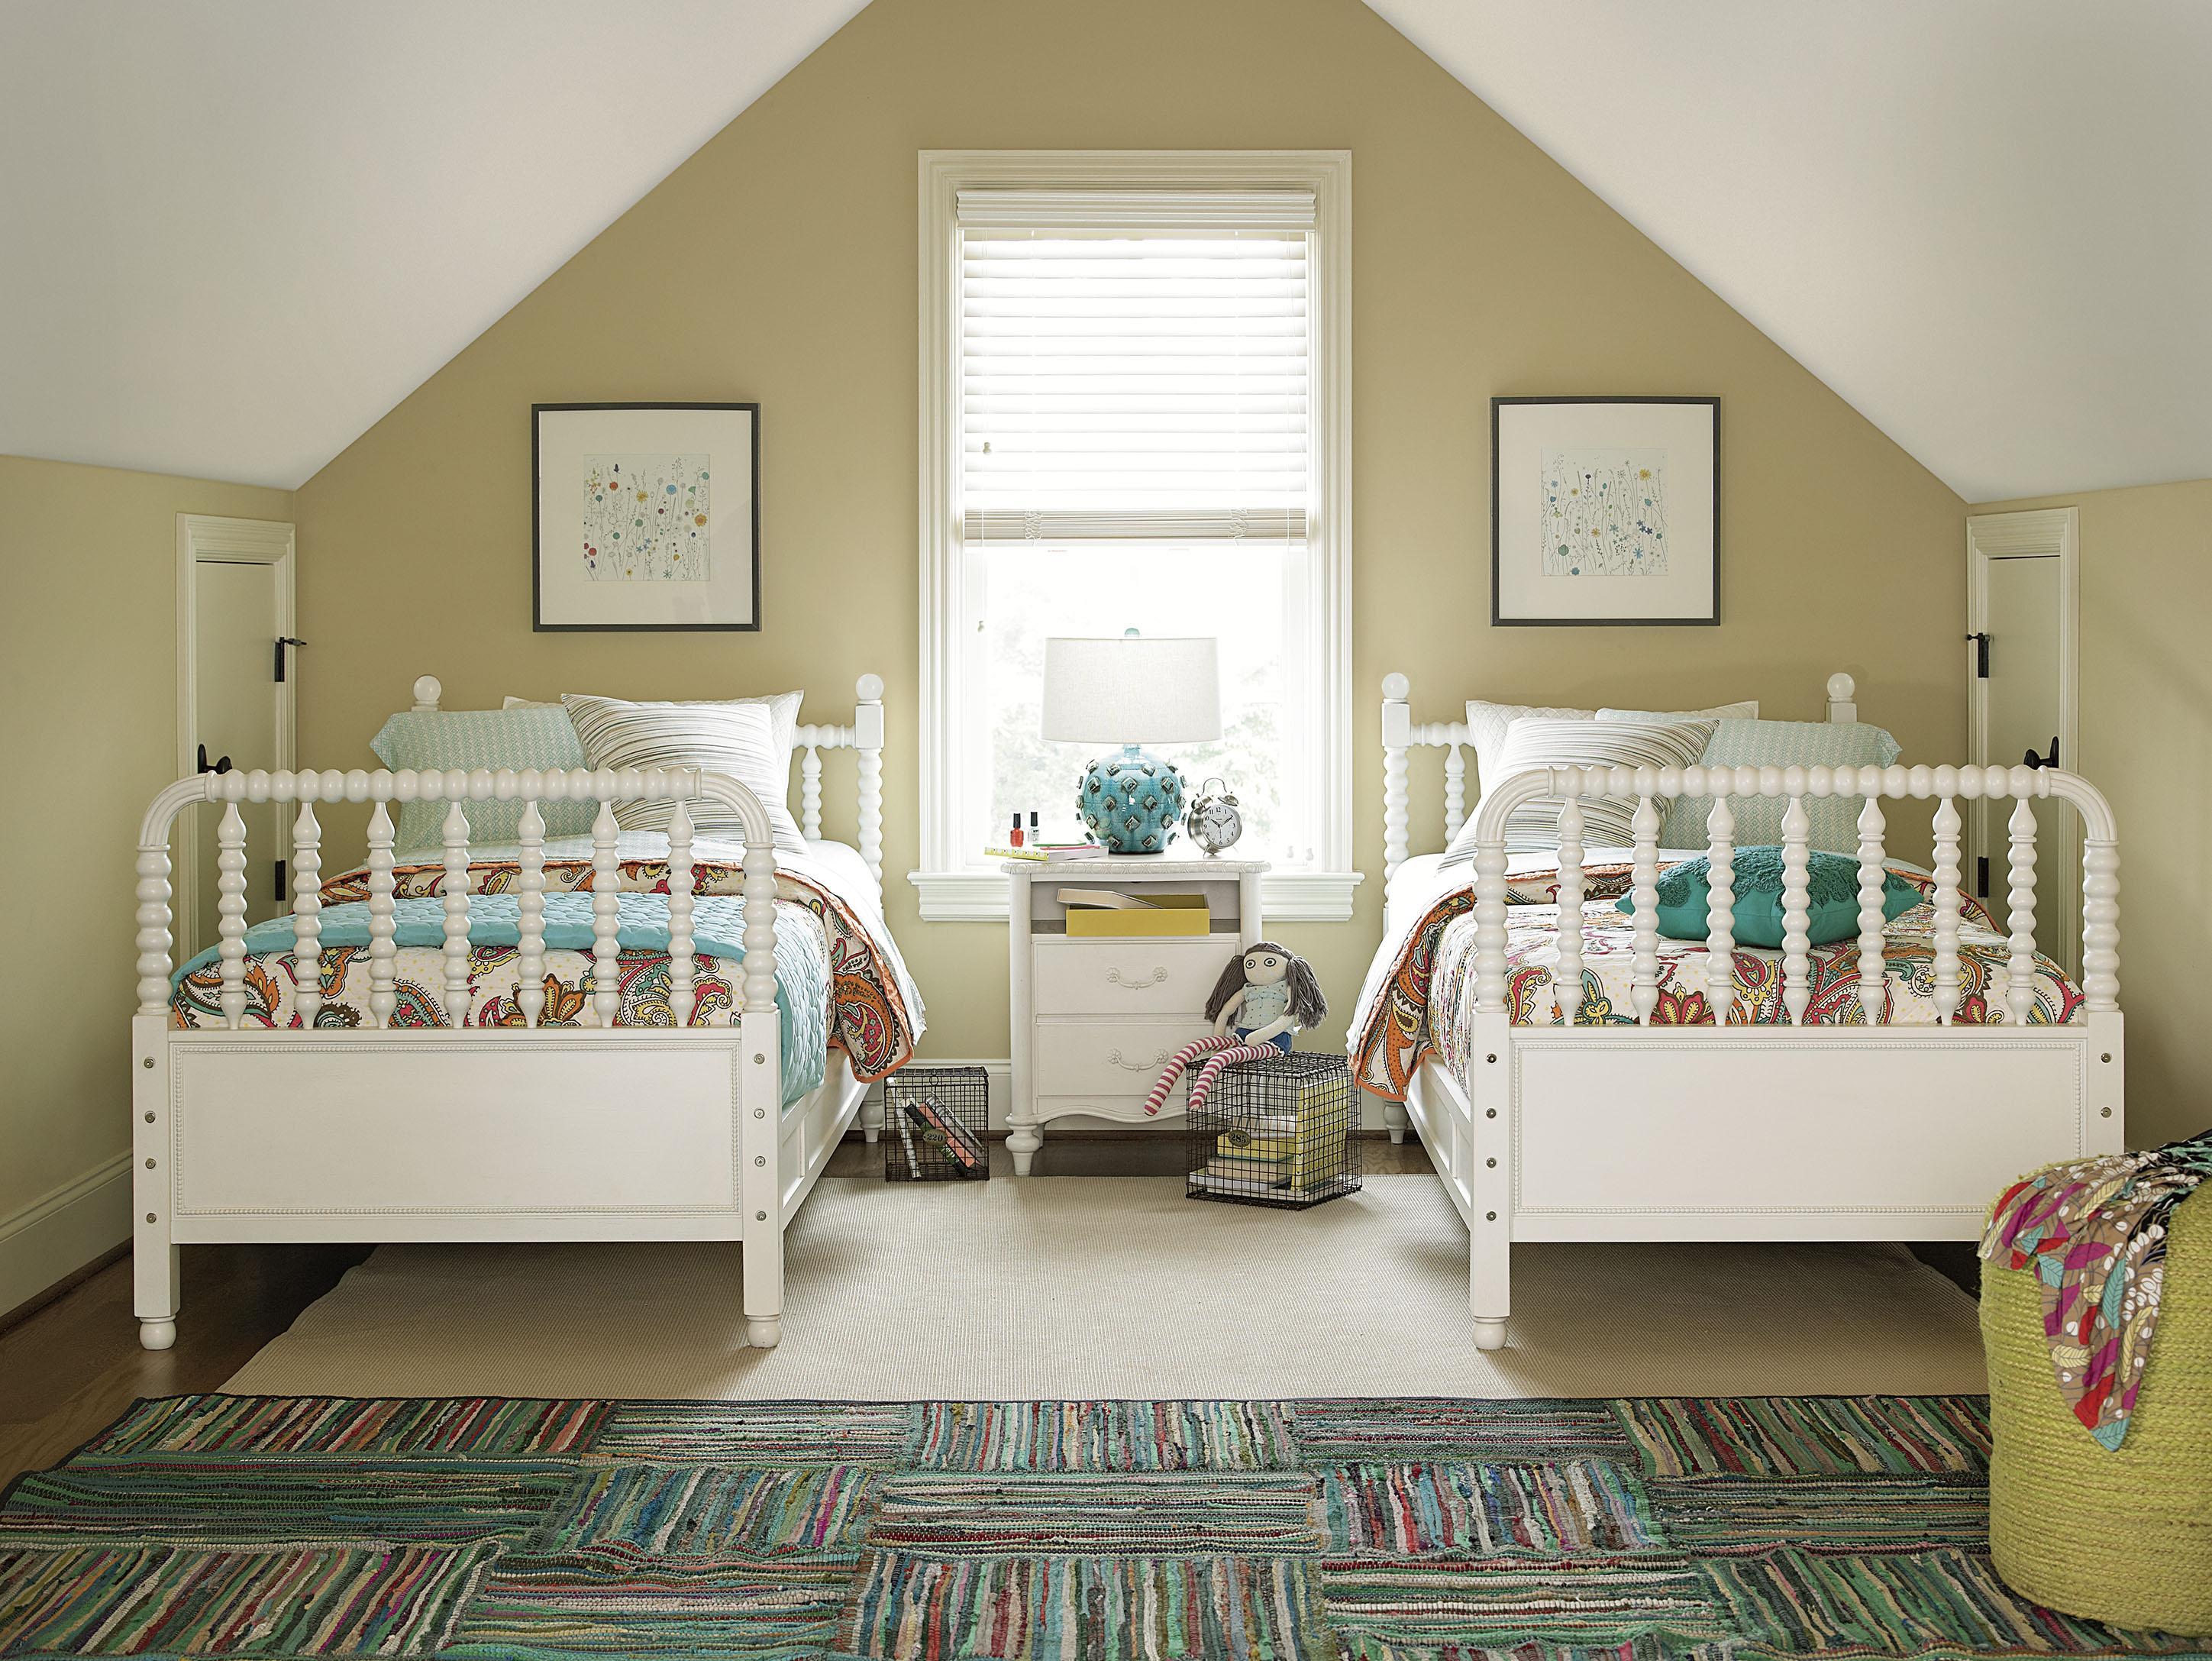 Smartstuff Bellamy Twin Bunk Bed Bedroom Group - Item Number: 330A T Bedroom Group 7